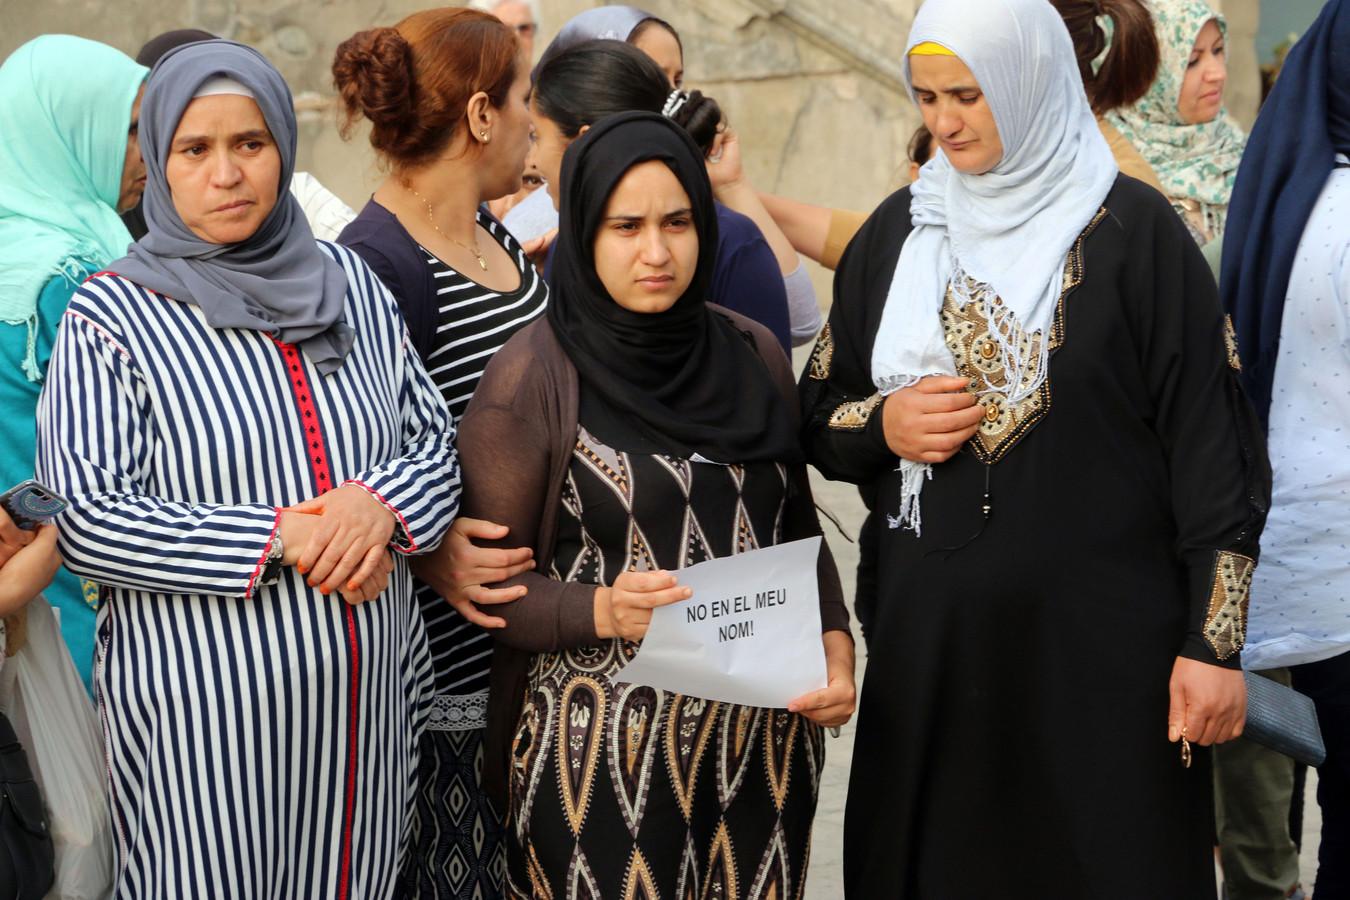 Hanou (l), de moeder van voortvluchtige Younes Abouyaaqoub, was een van de aanwezigen.